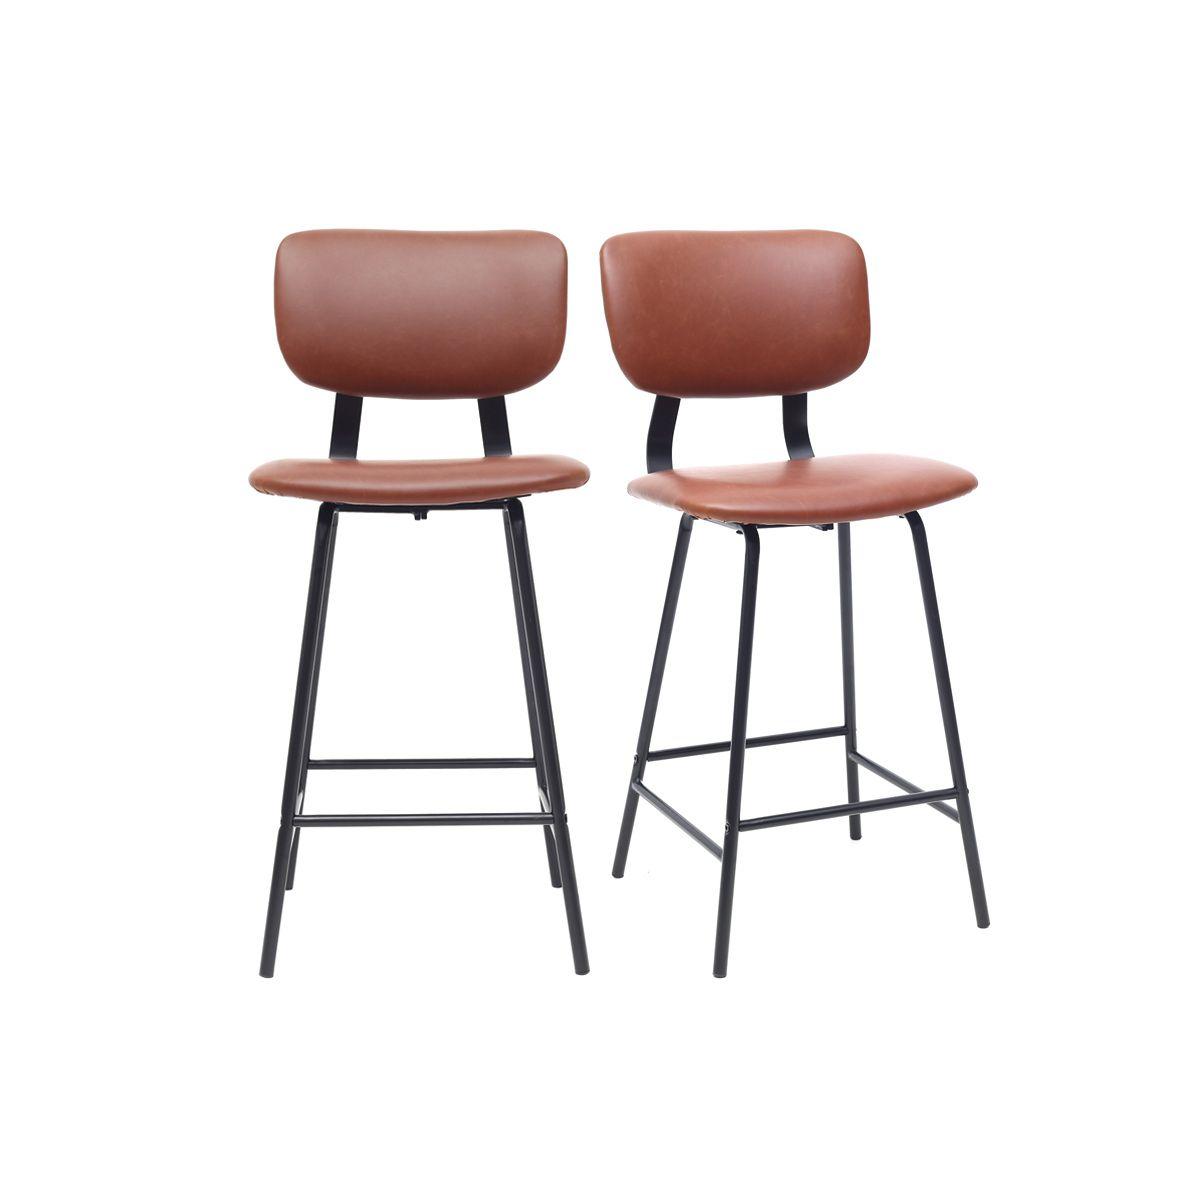 Gruppo di 2 sgabelli da bar vintage marrone chiaro con piedi in metallo 65cm LAB Offerte e sconti